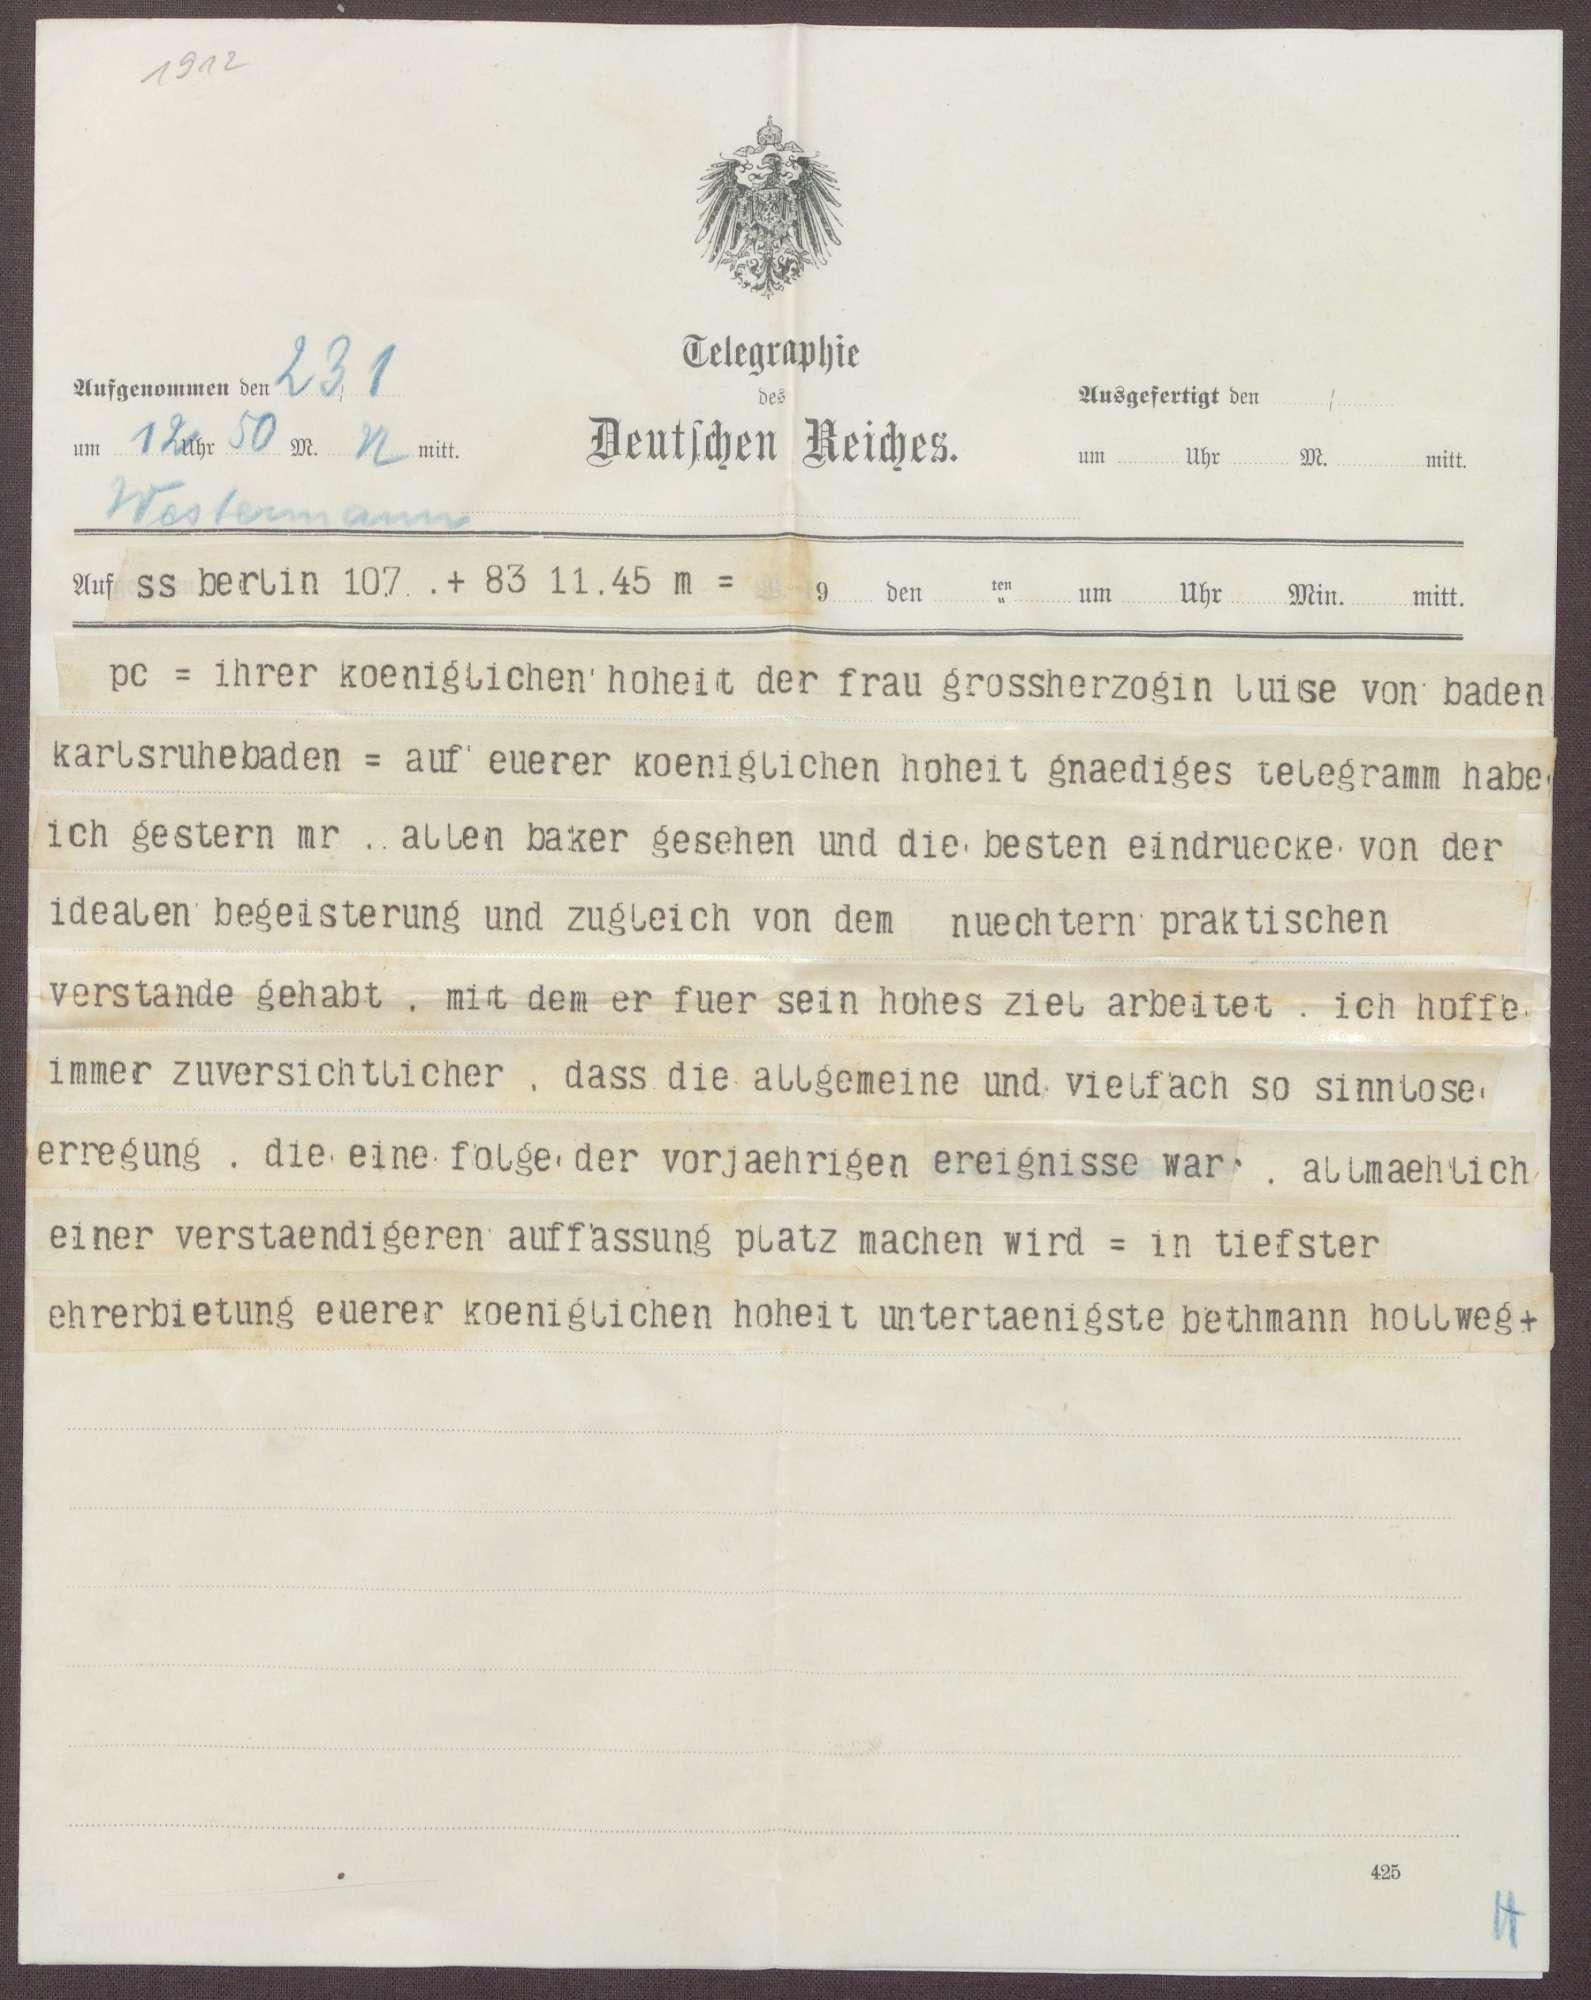 Schreiben von Theobald von Bethmann Hollweg an die Großherzogin Luise; Treffen mit Allen Baker und Hoffen auf eine Beruhigung der außenpolitischen Situation, Bild 1